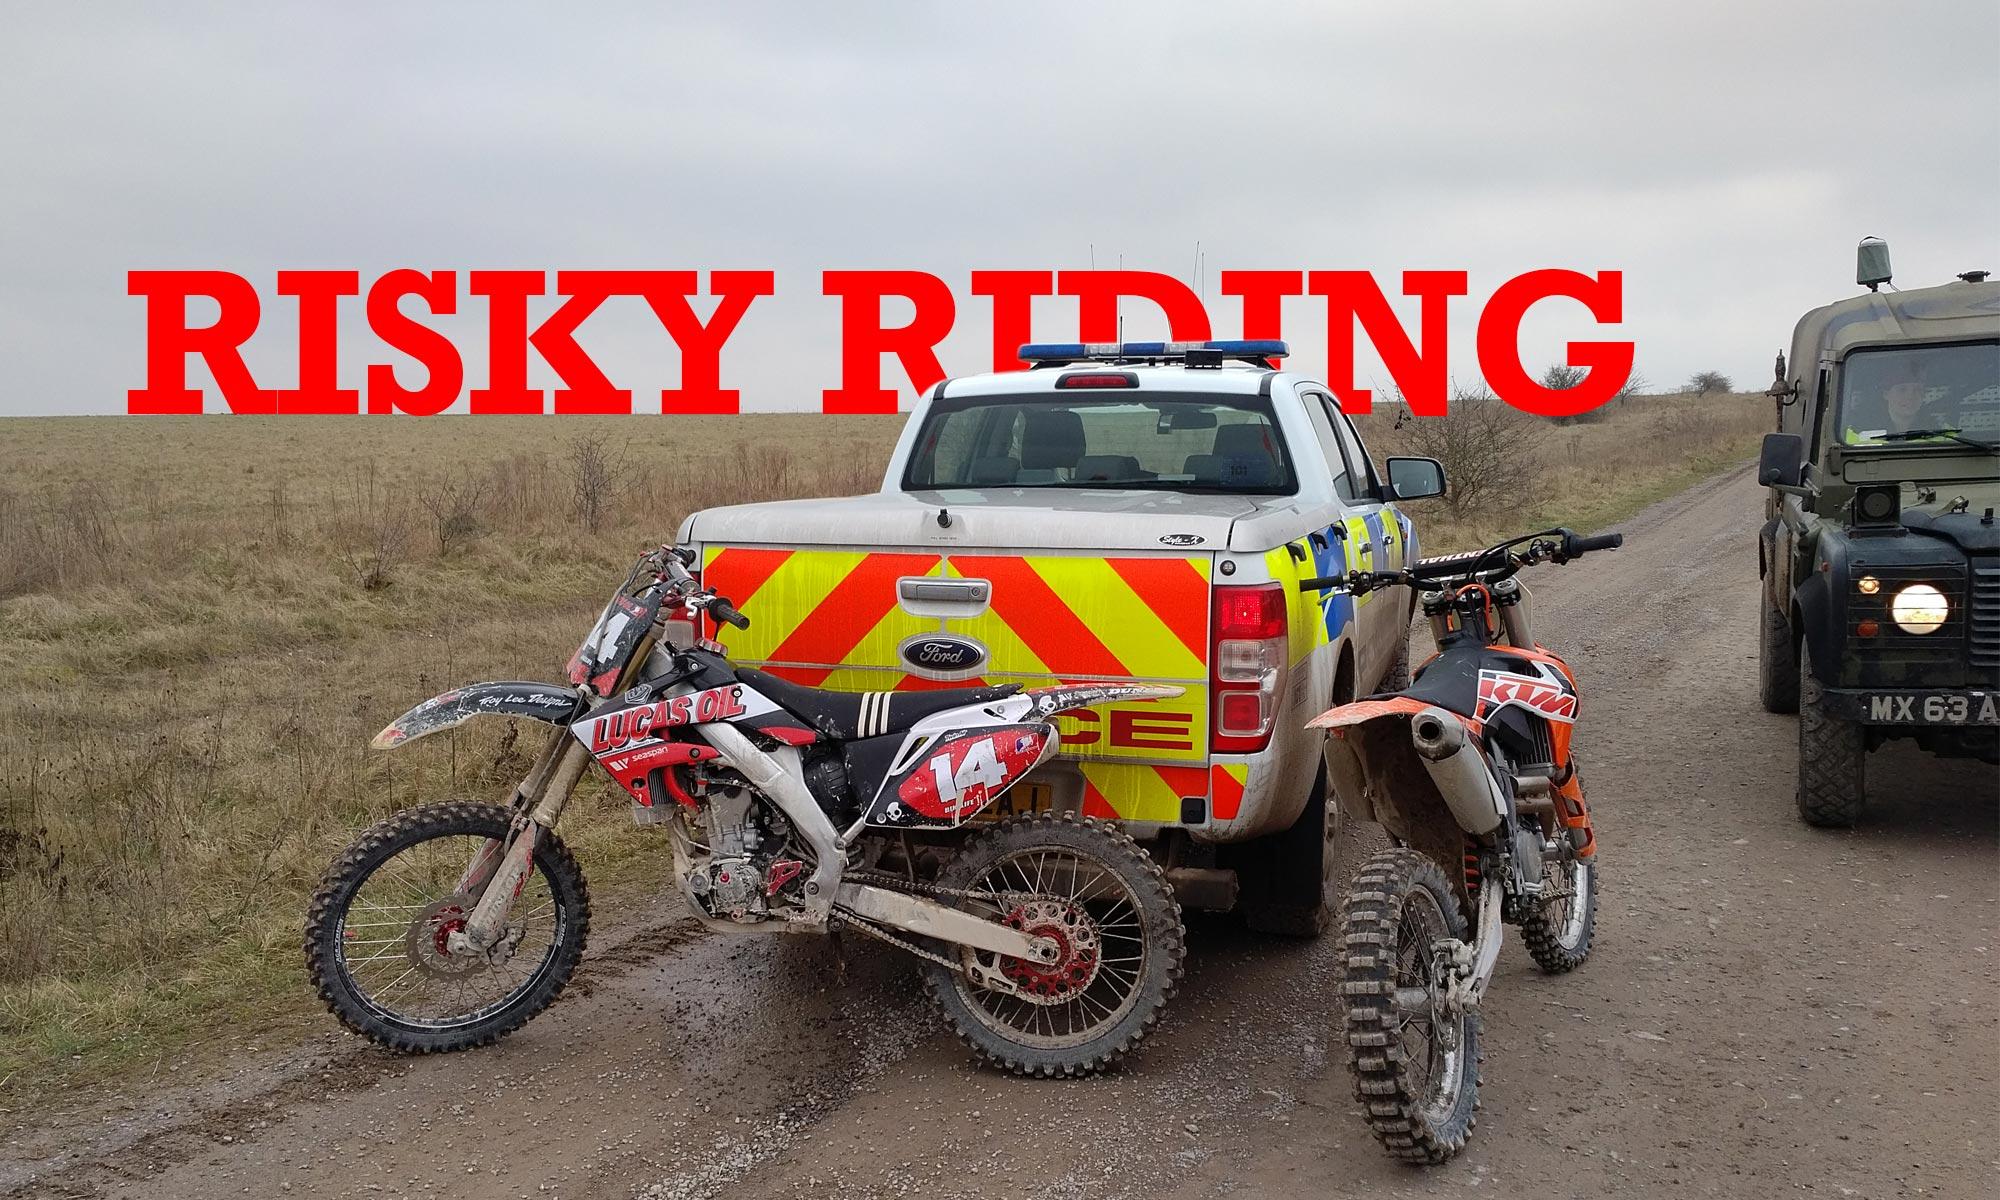 Risky Riding